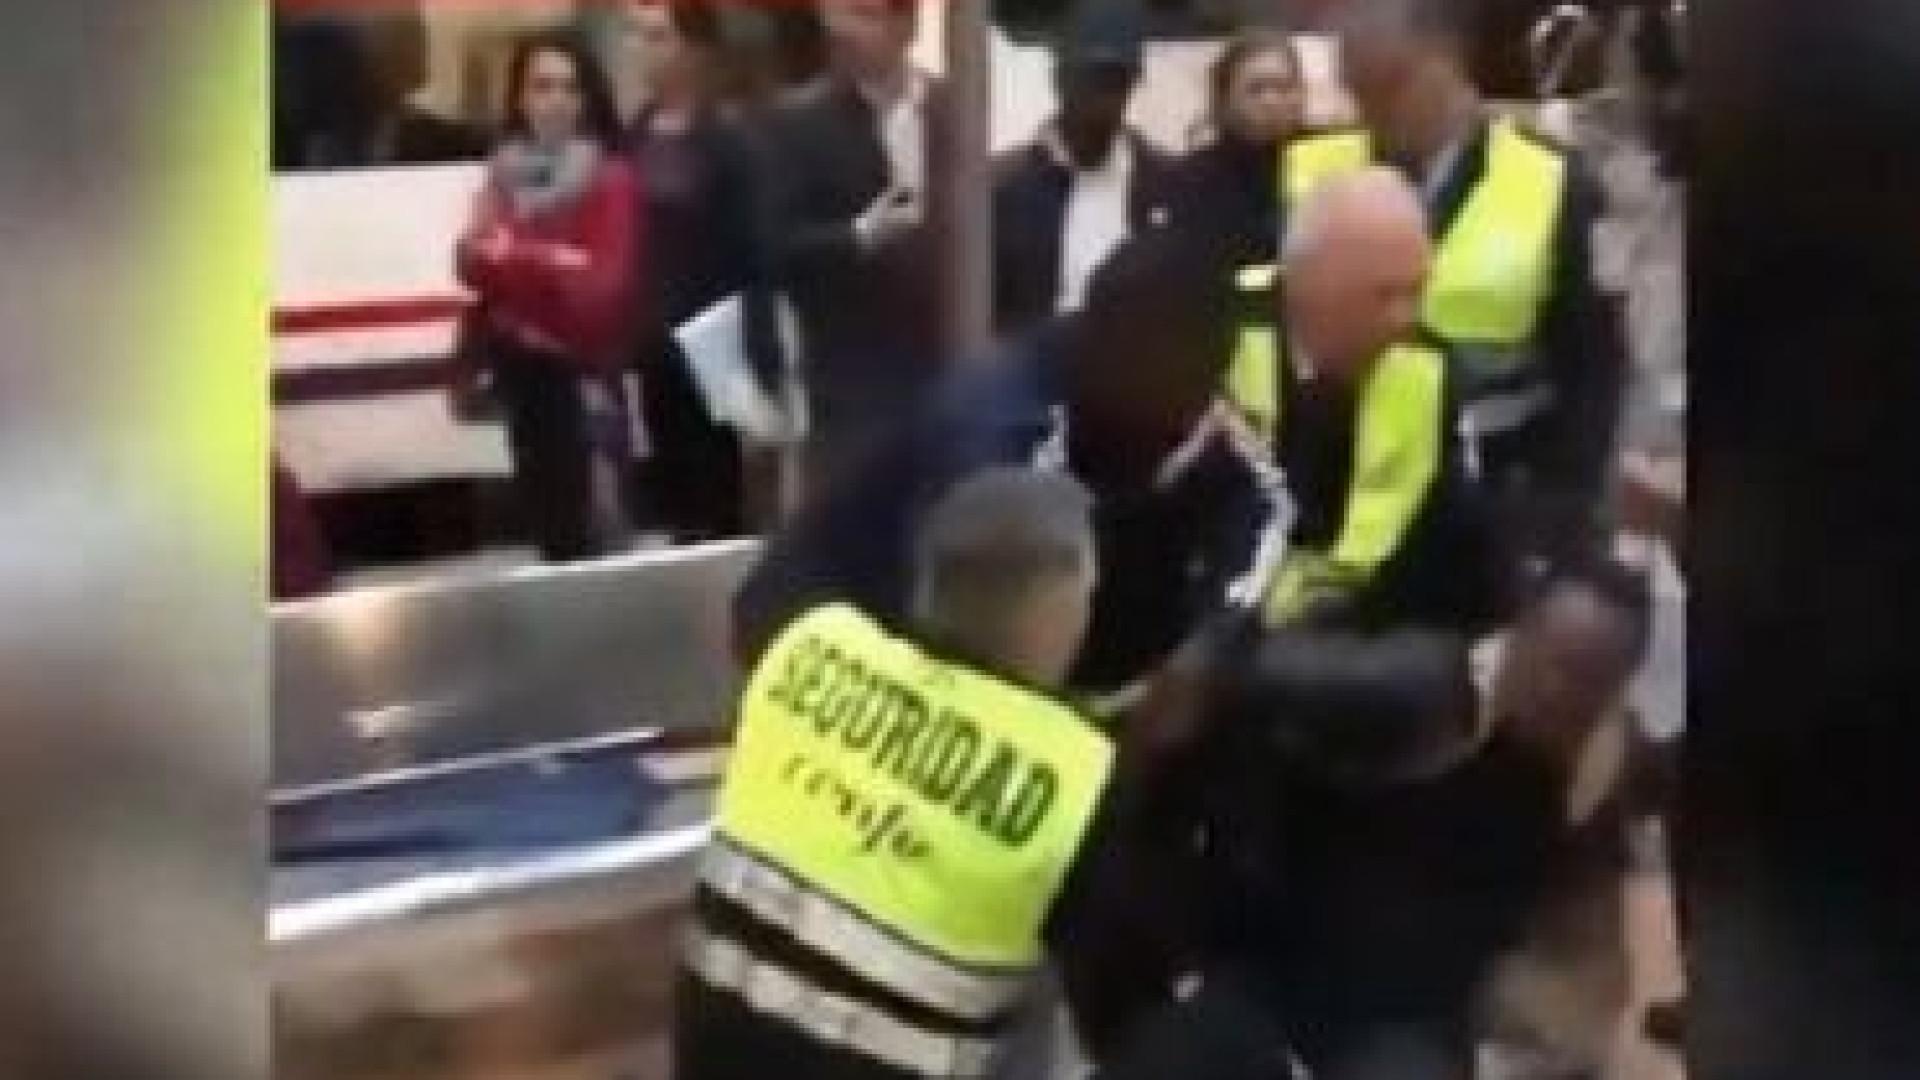 Seguranças acusados de racismo por expulsarem homem negro de comboio